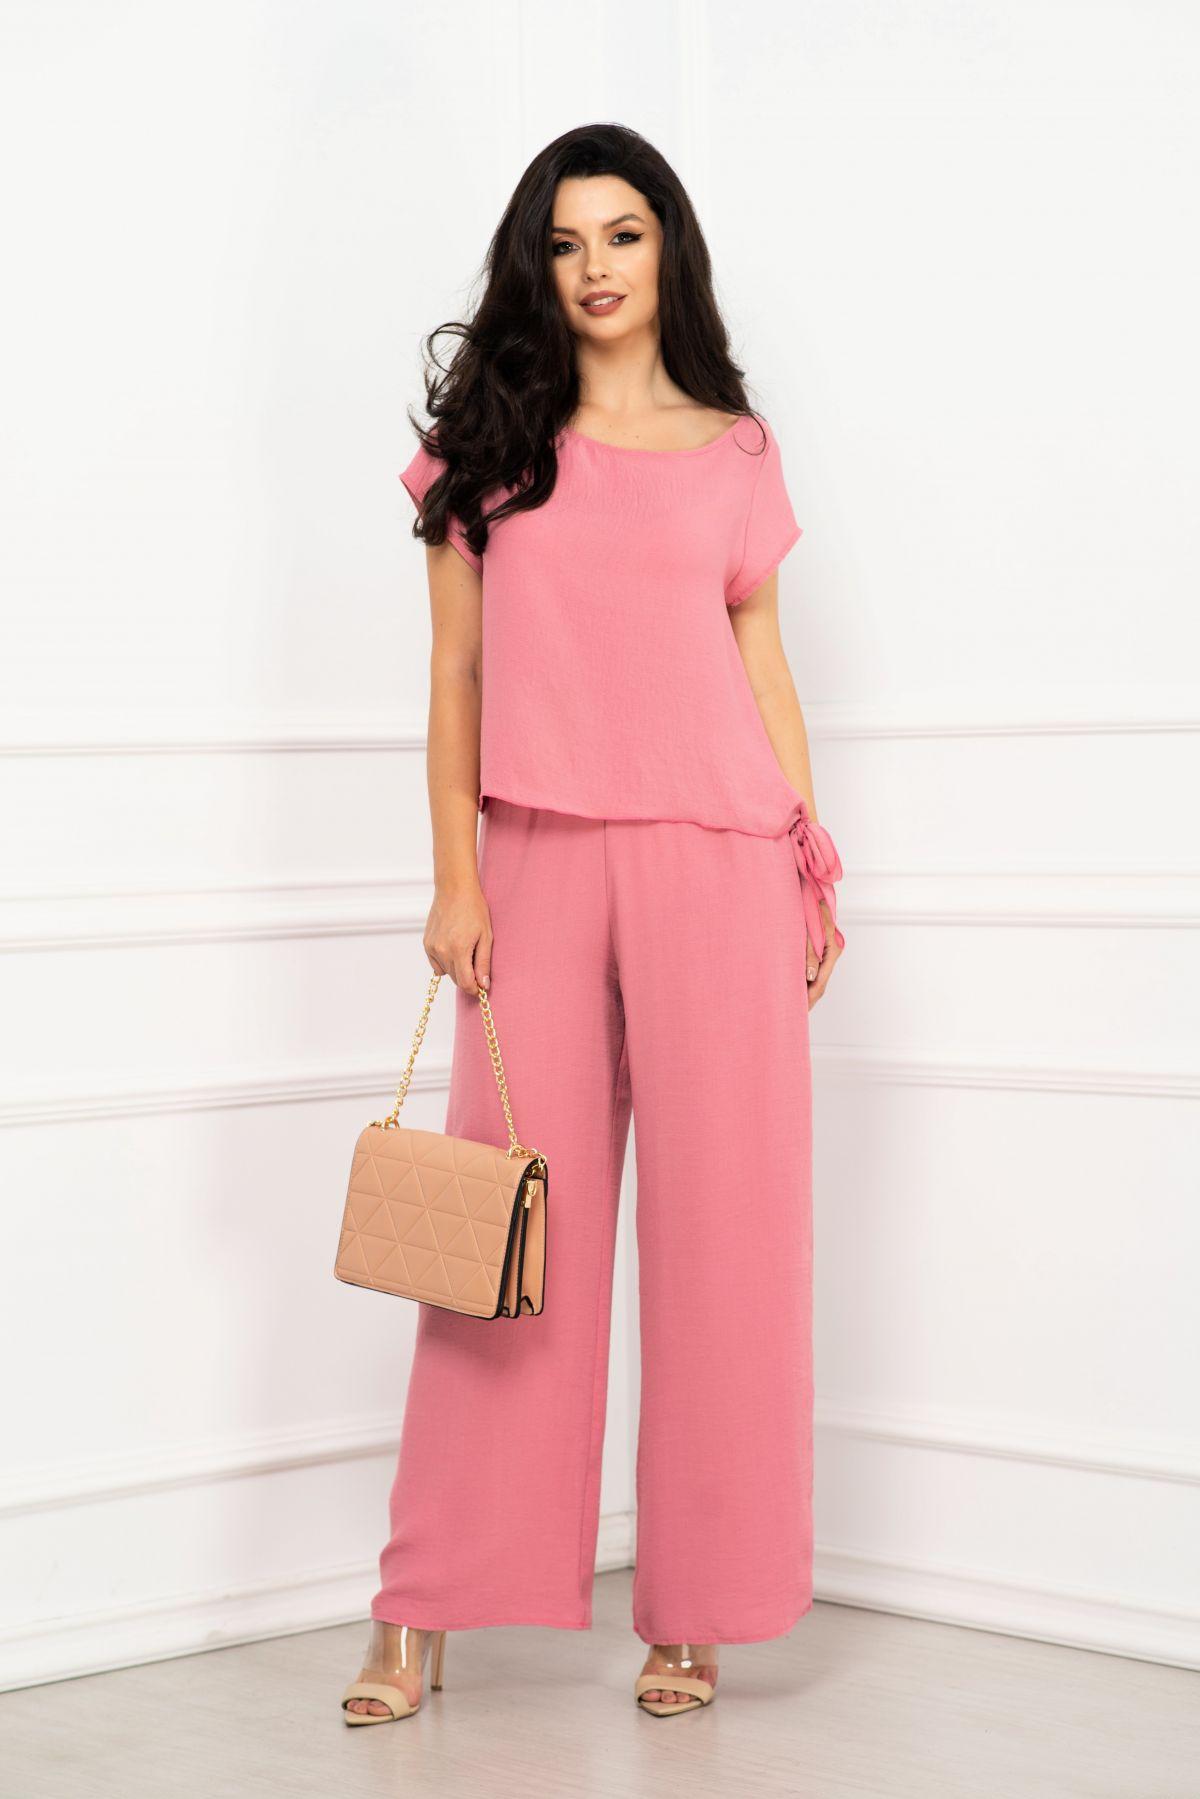 Compleu elegant Elena roz cu pantaloni evazati si bluza cu nod By InPuff